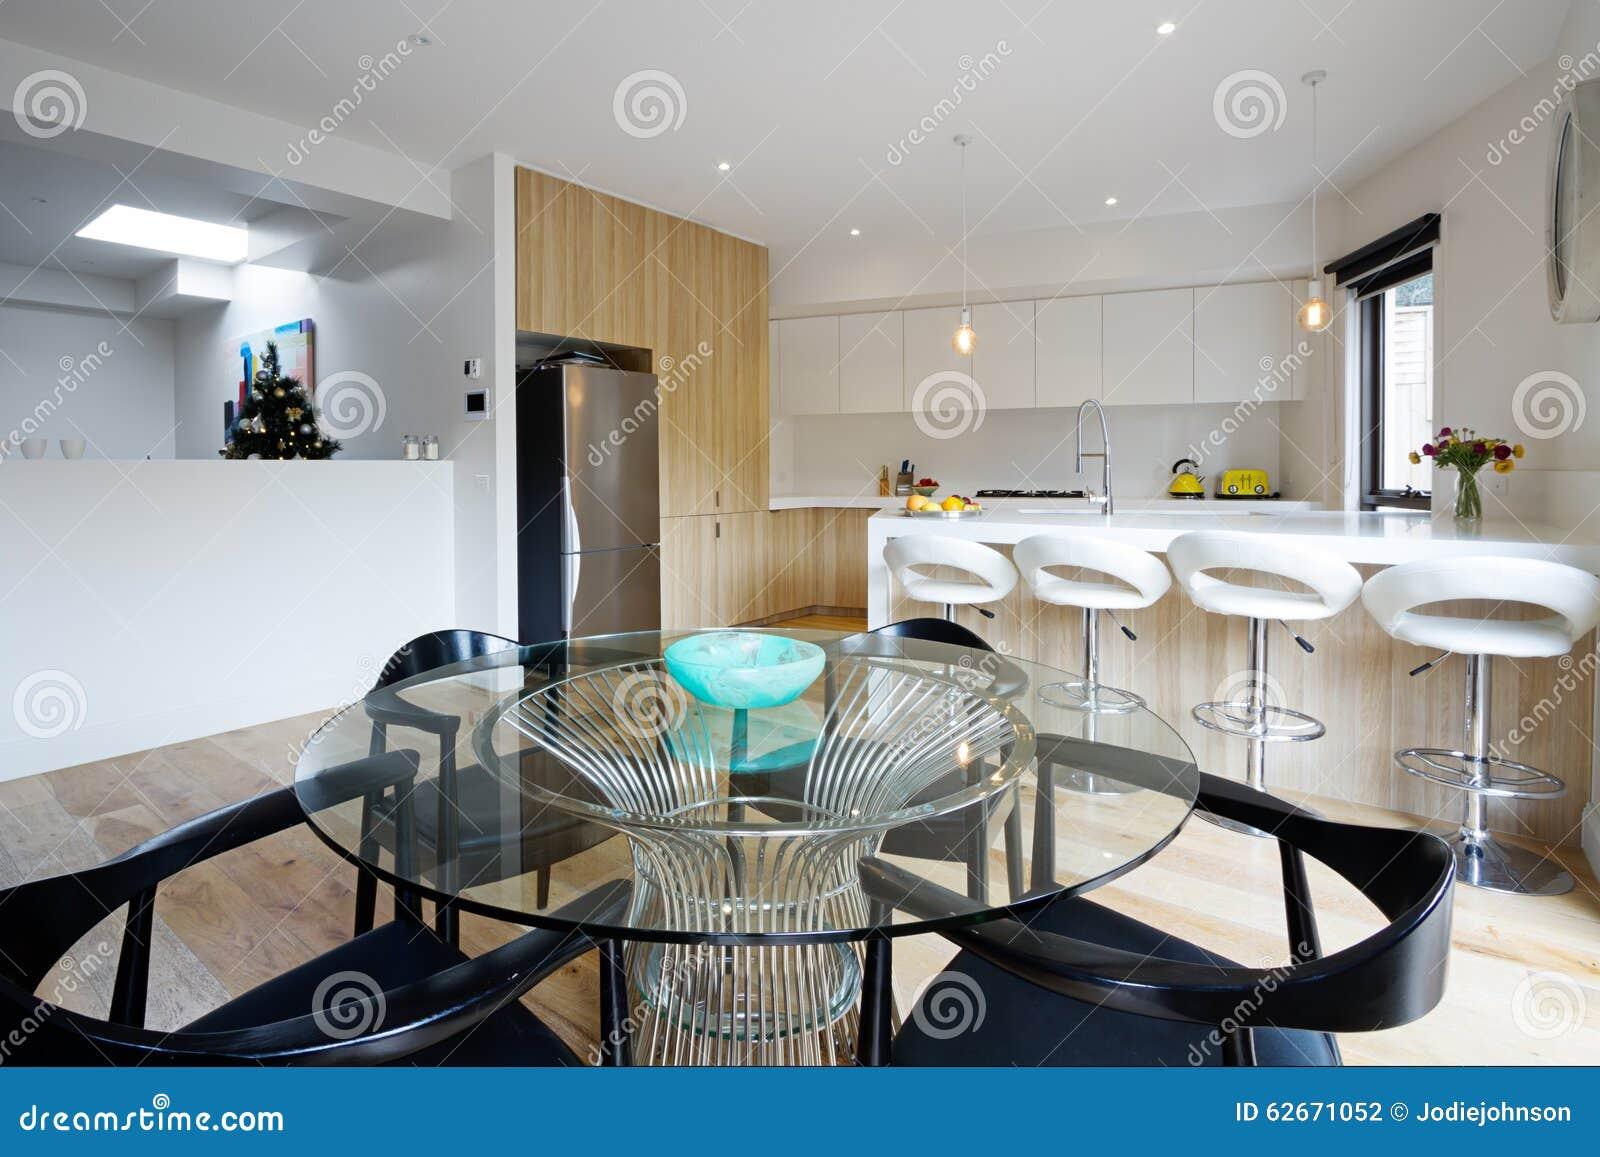 Cuisine moderne ouverte for Plan maison cuisine ouverte